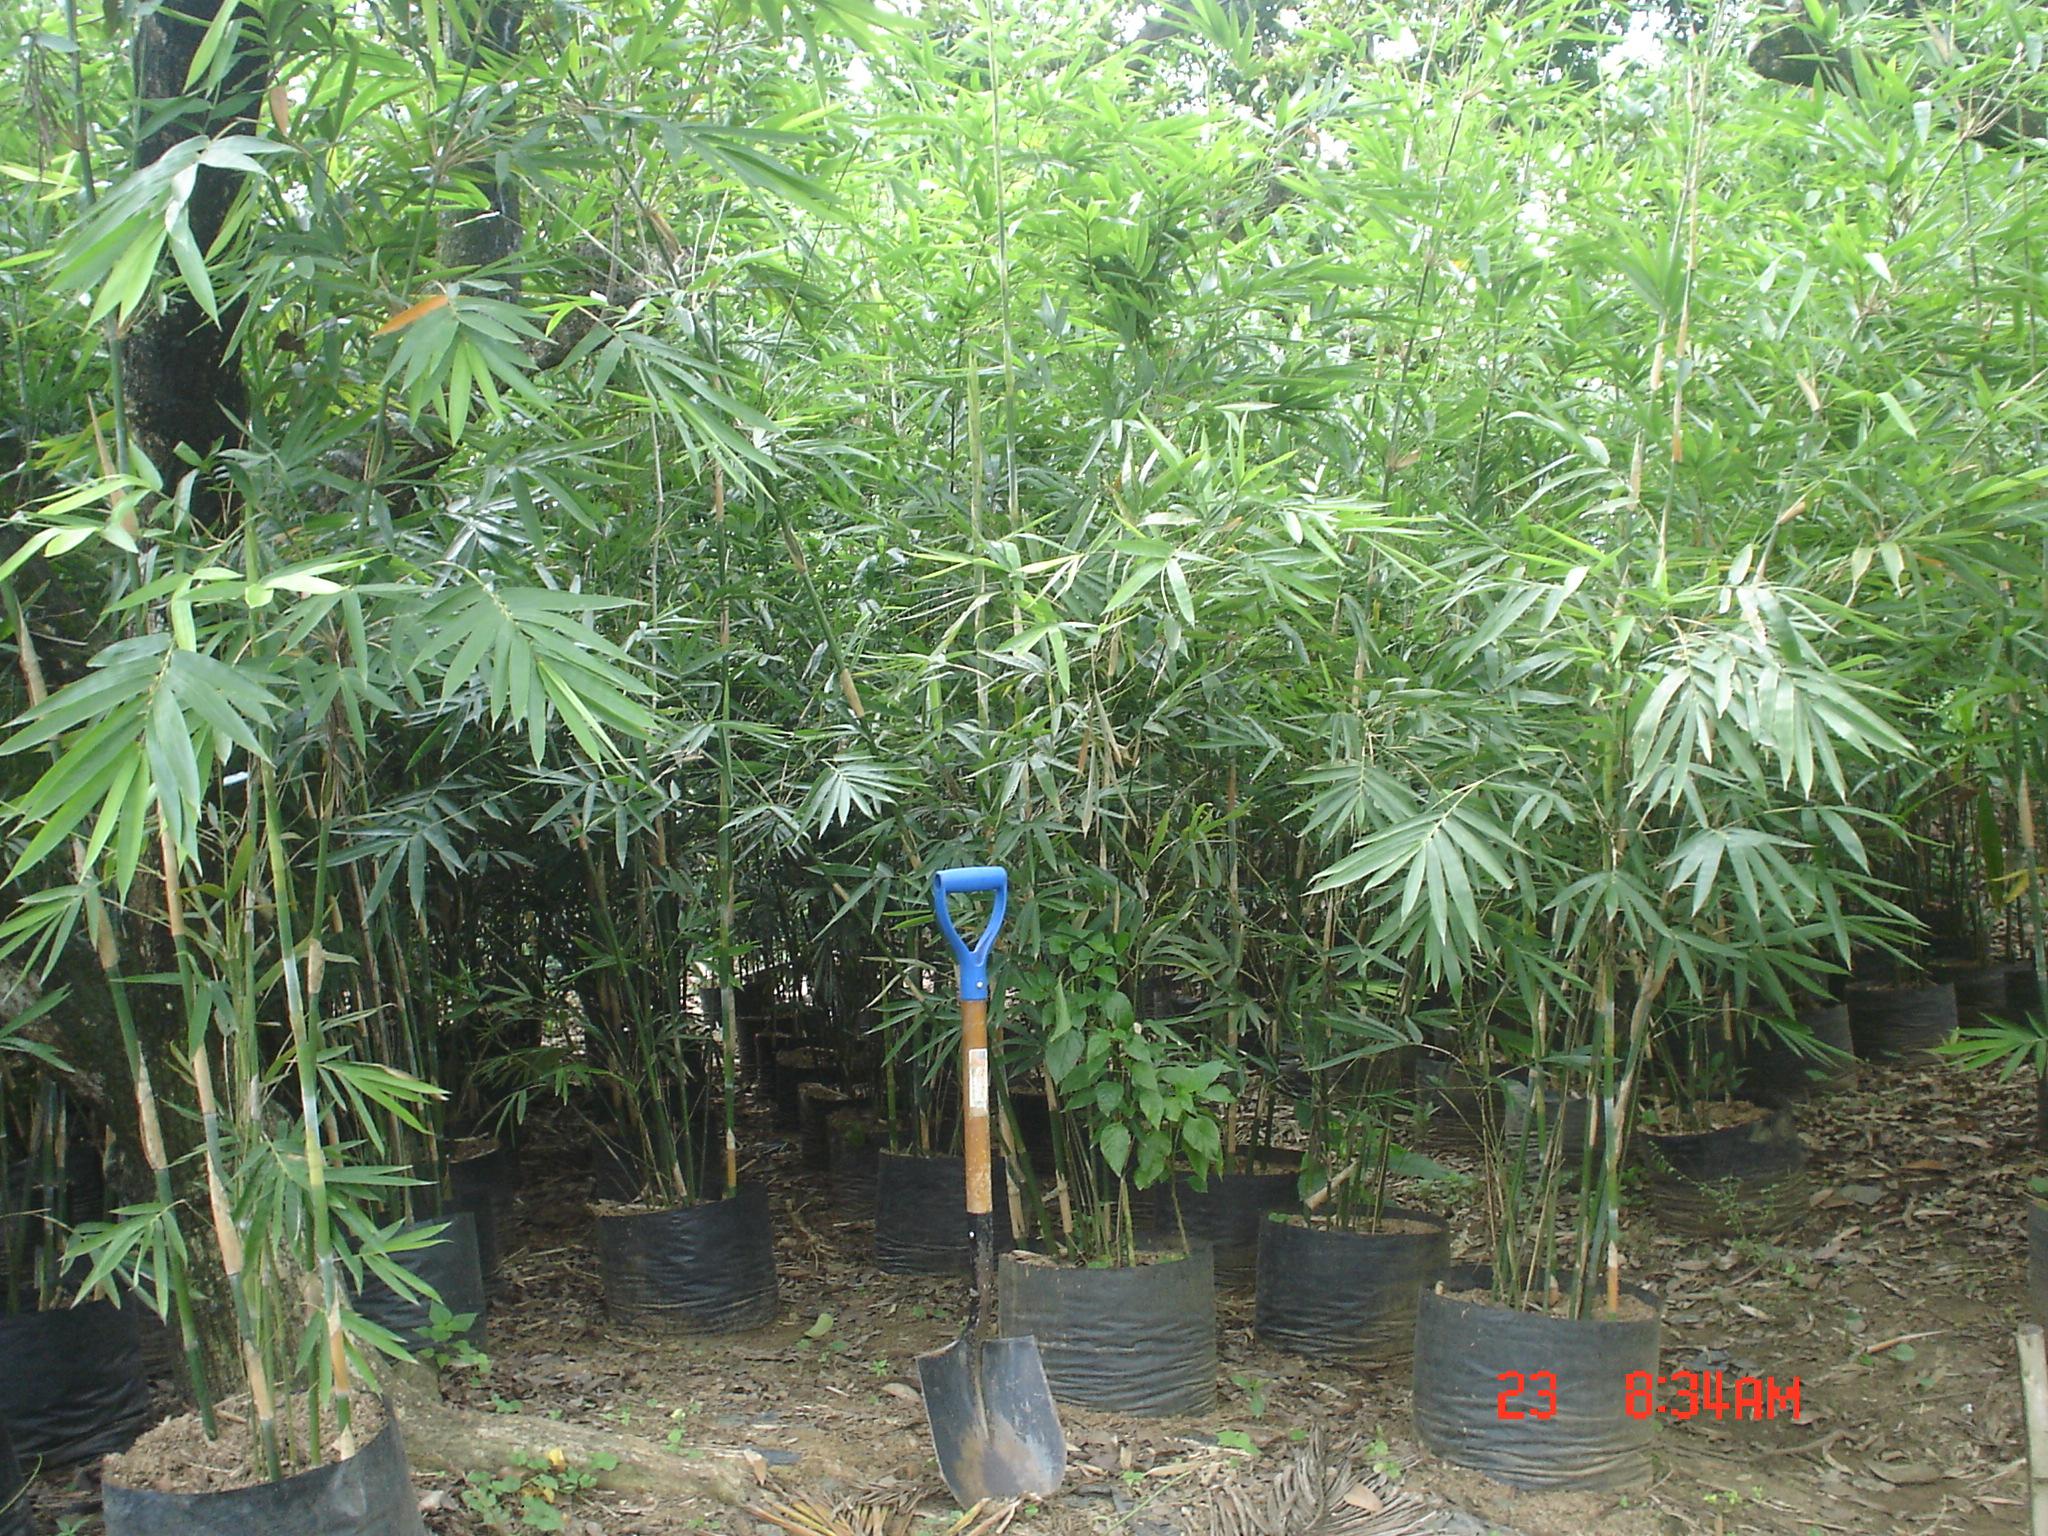 Thailand Bamboo | Cainta Plant Nursery